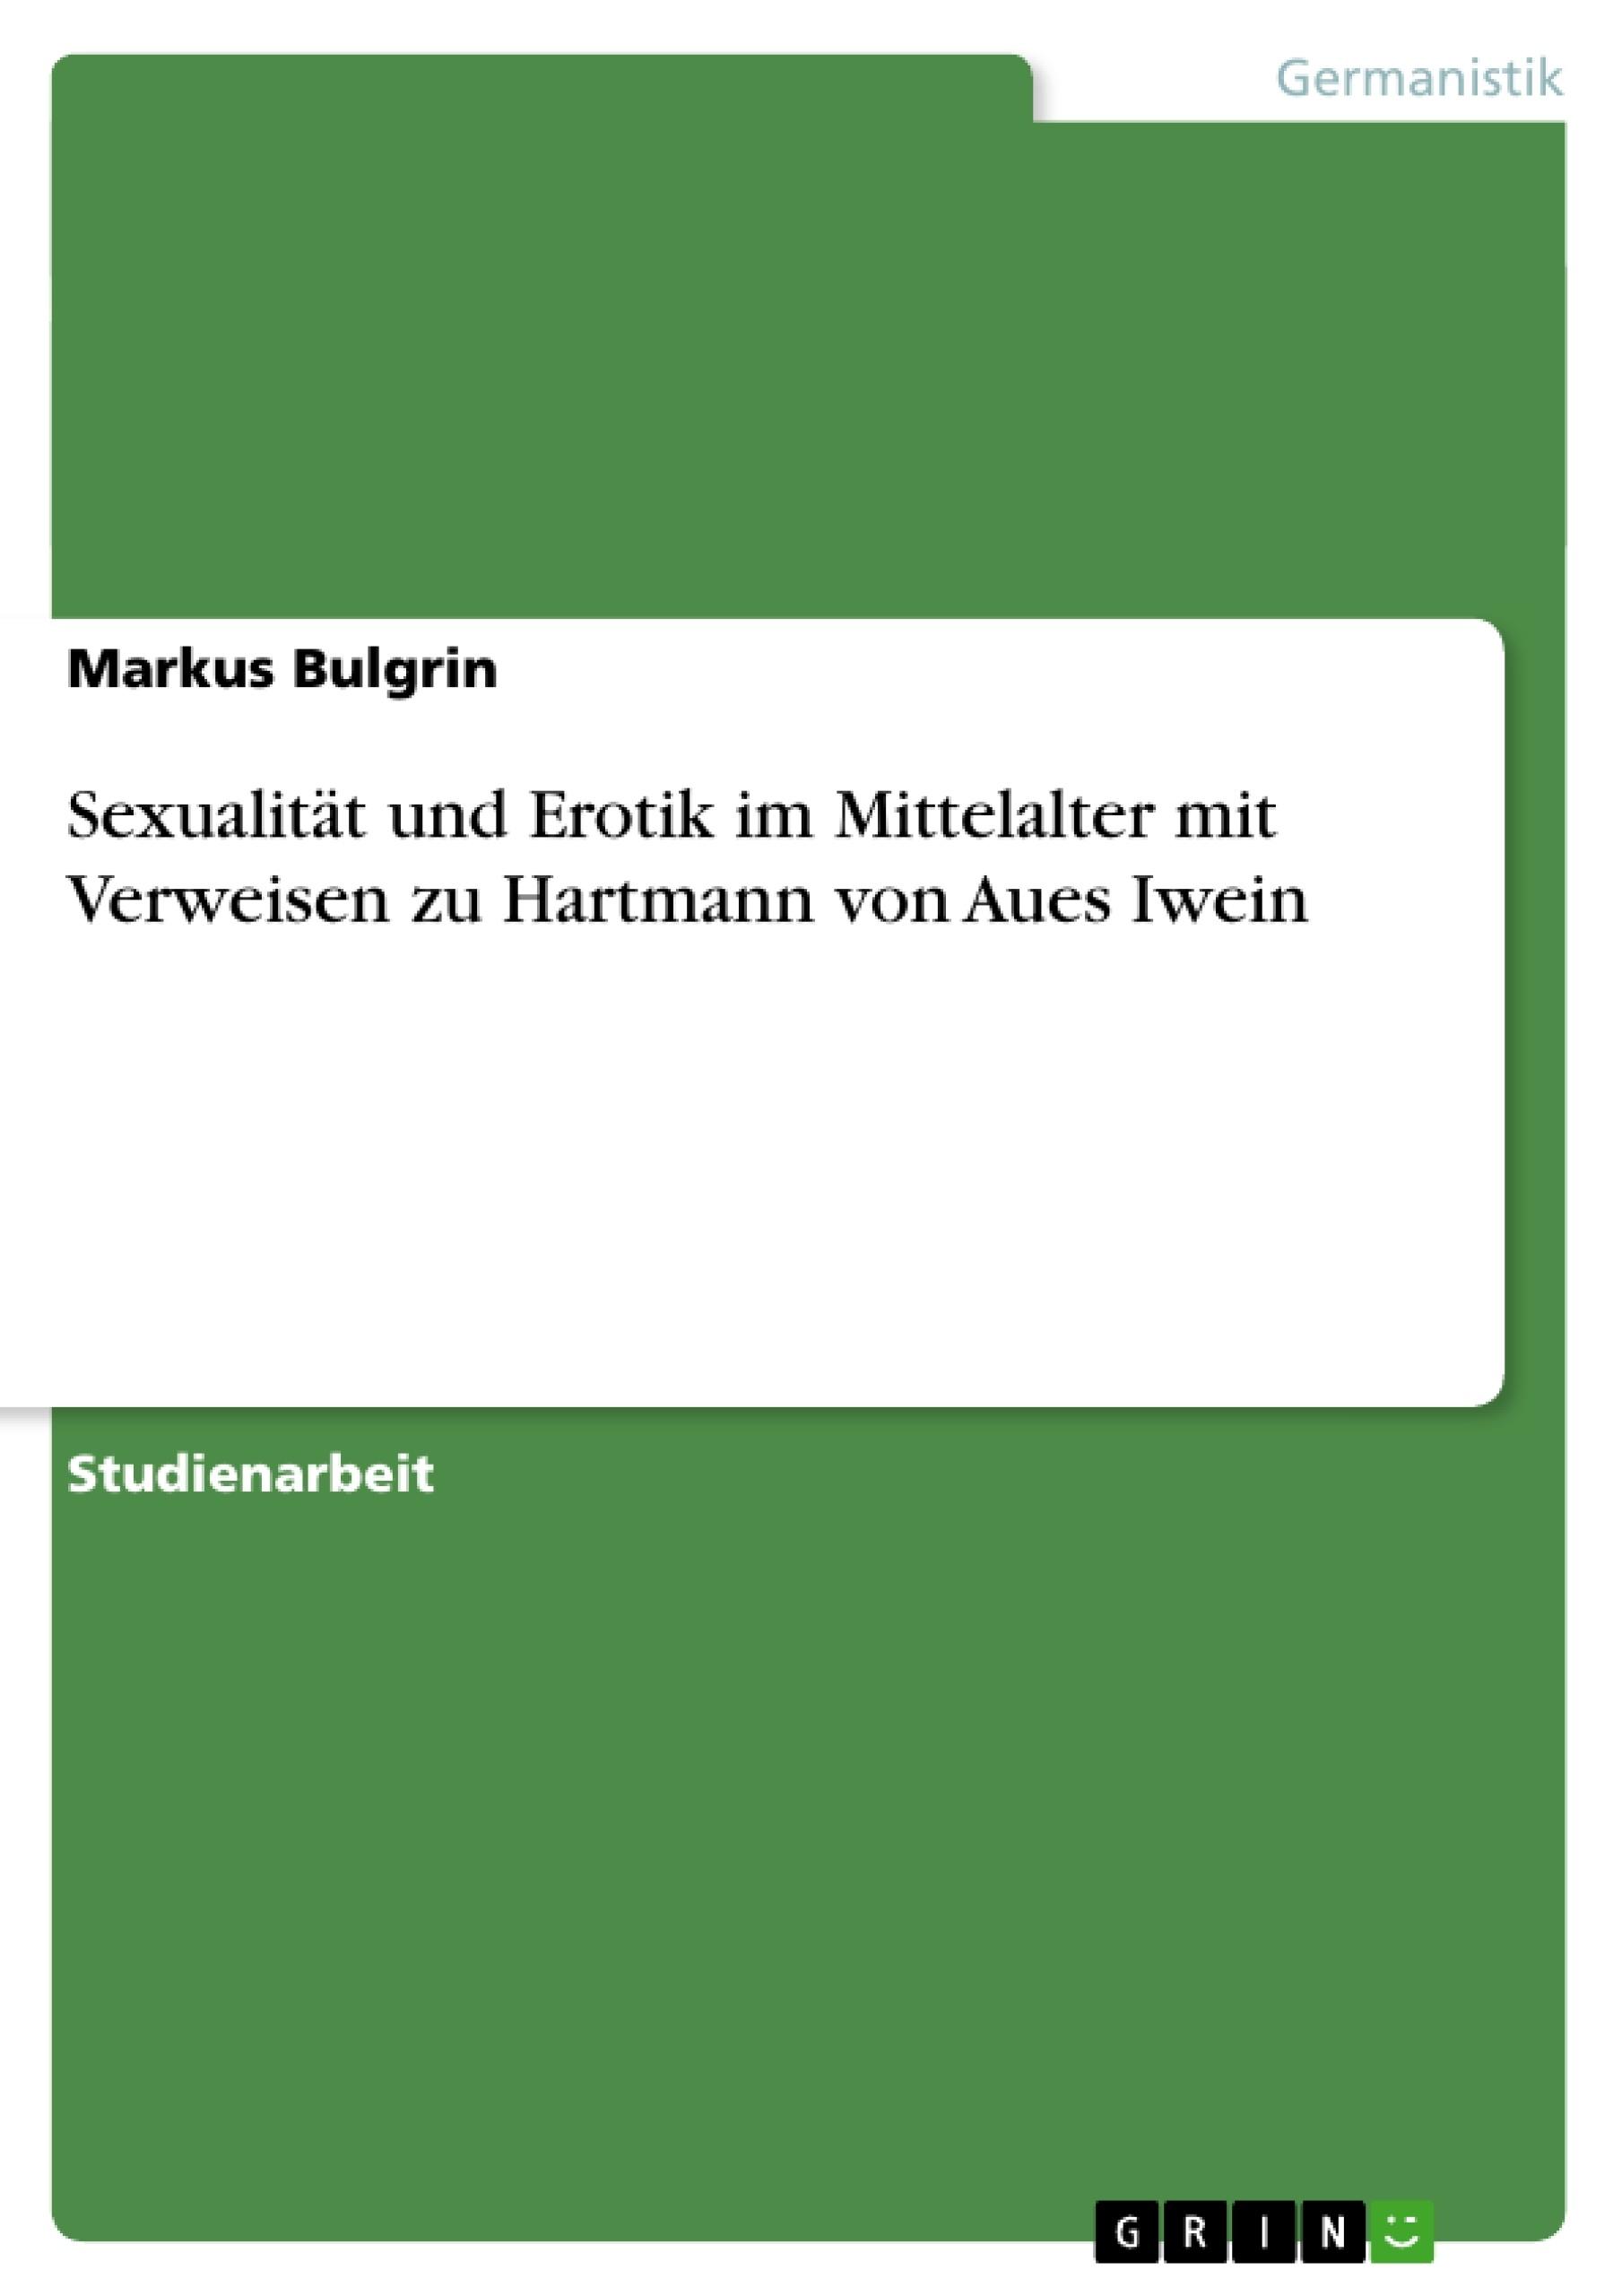 Titel: Sexualität und Erotik im Mittelalter mit Verweisen zu Hartmann von Aues Iwein